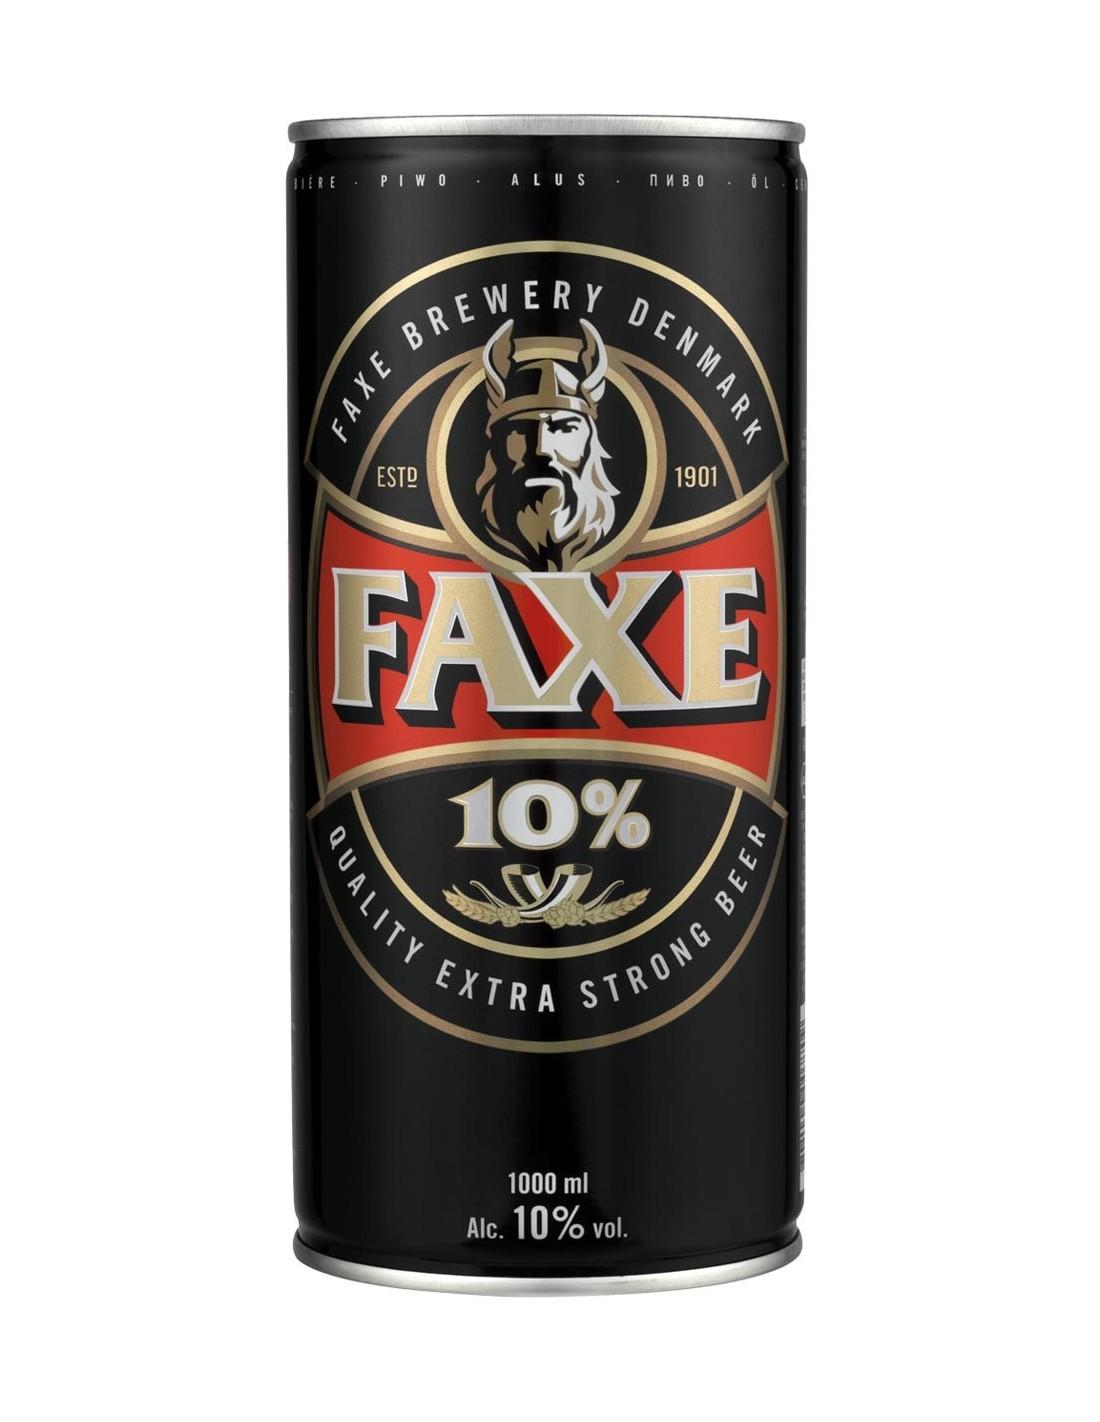 Bere Faxe 1l